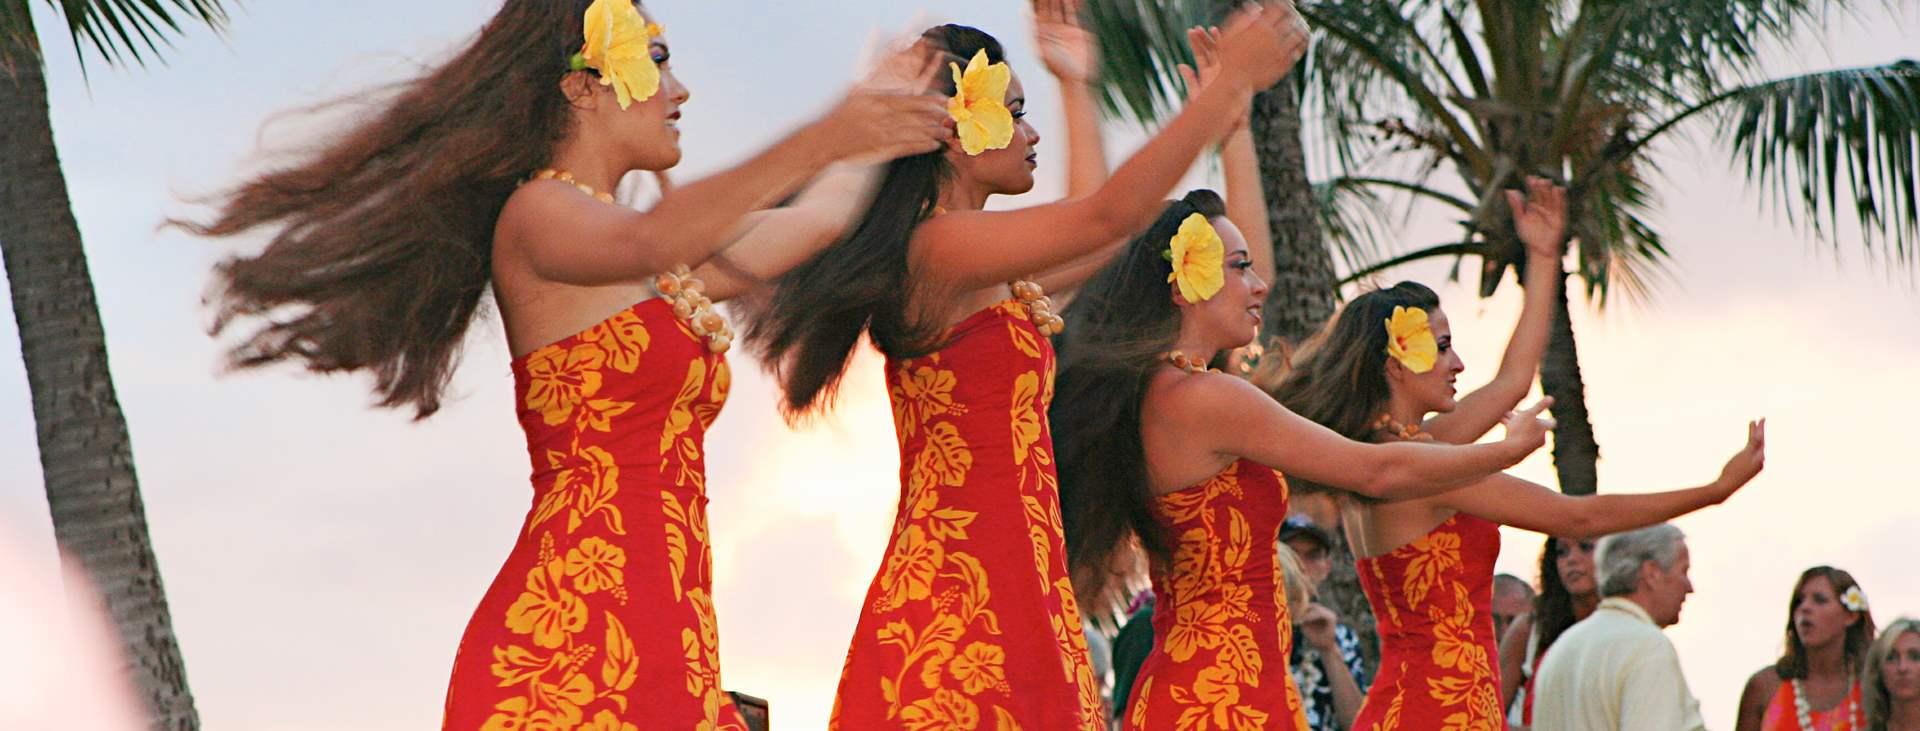 Maui Havaijilla kannattaa kokea - varaa matka USA:han Tjäreborgilta